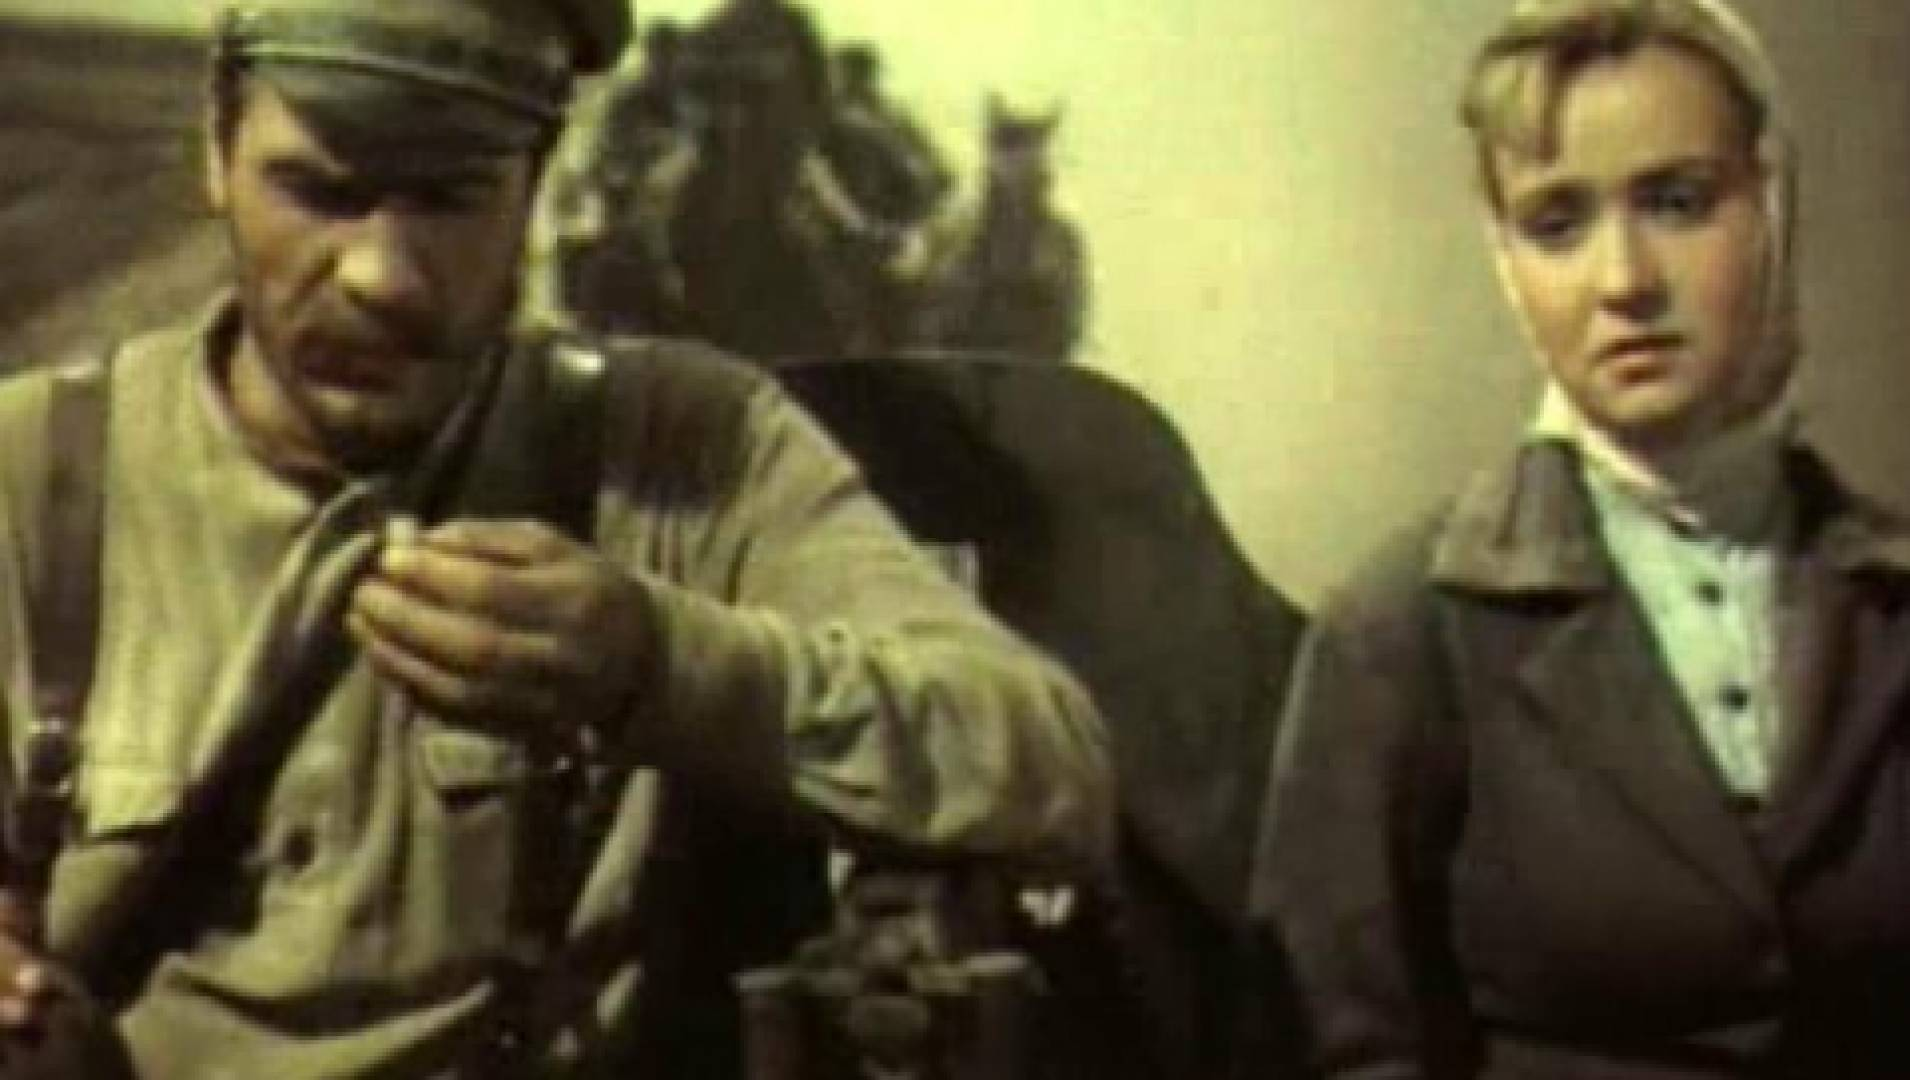 Огненные версты - Драма, Фильм